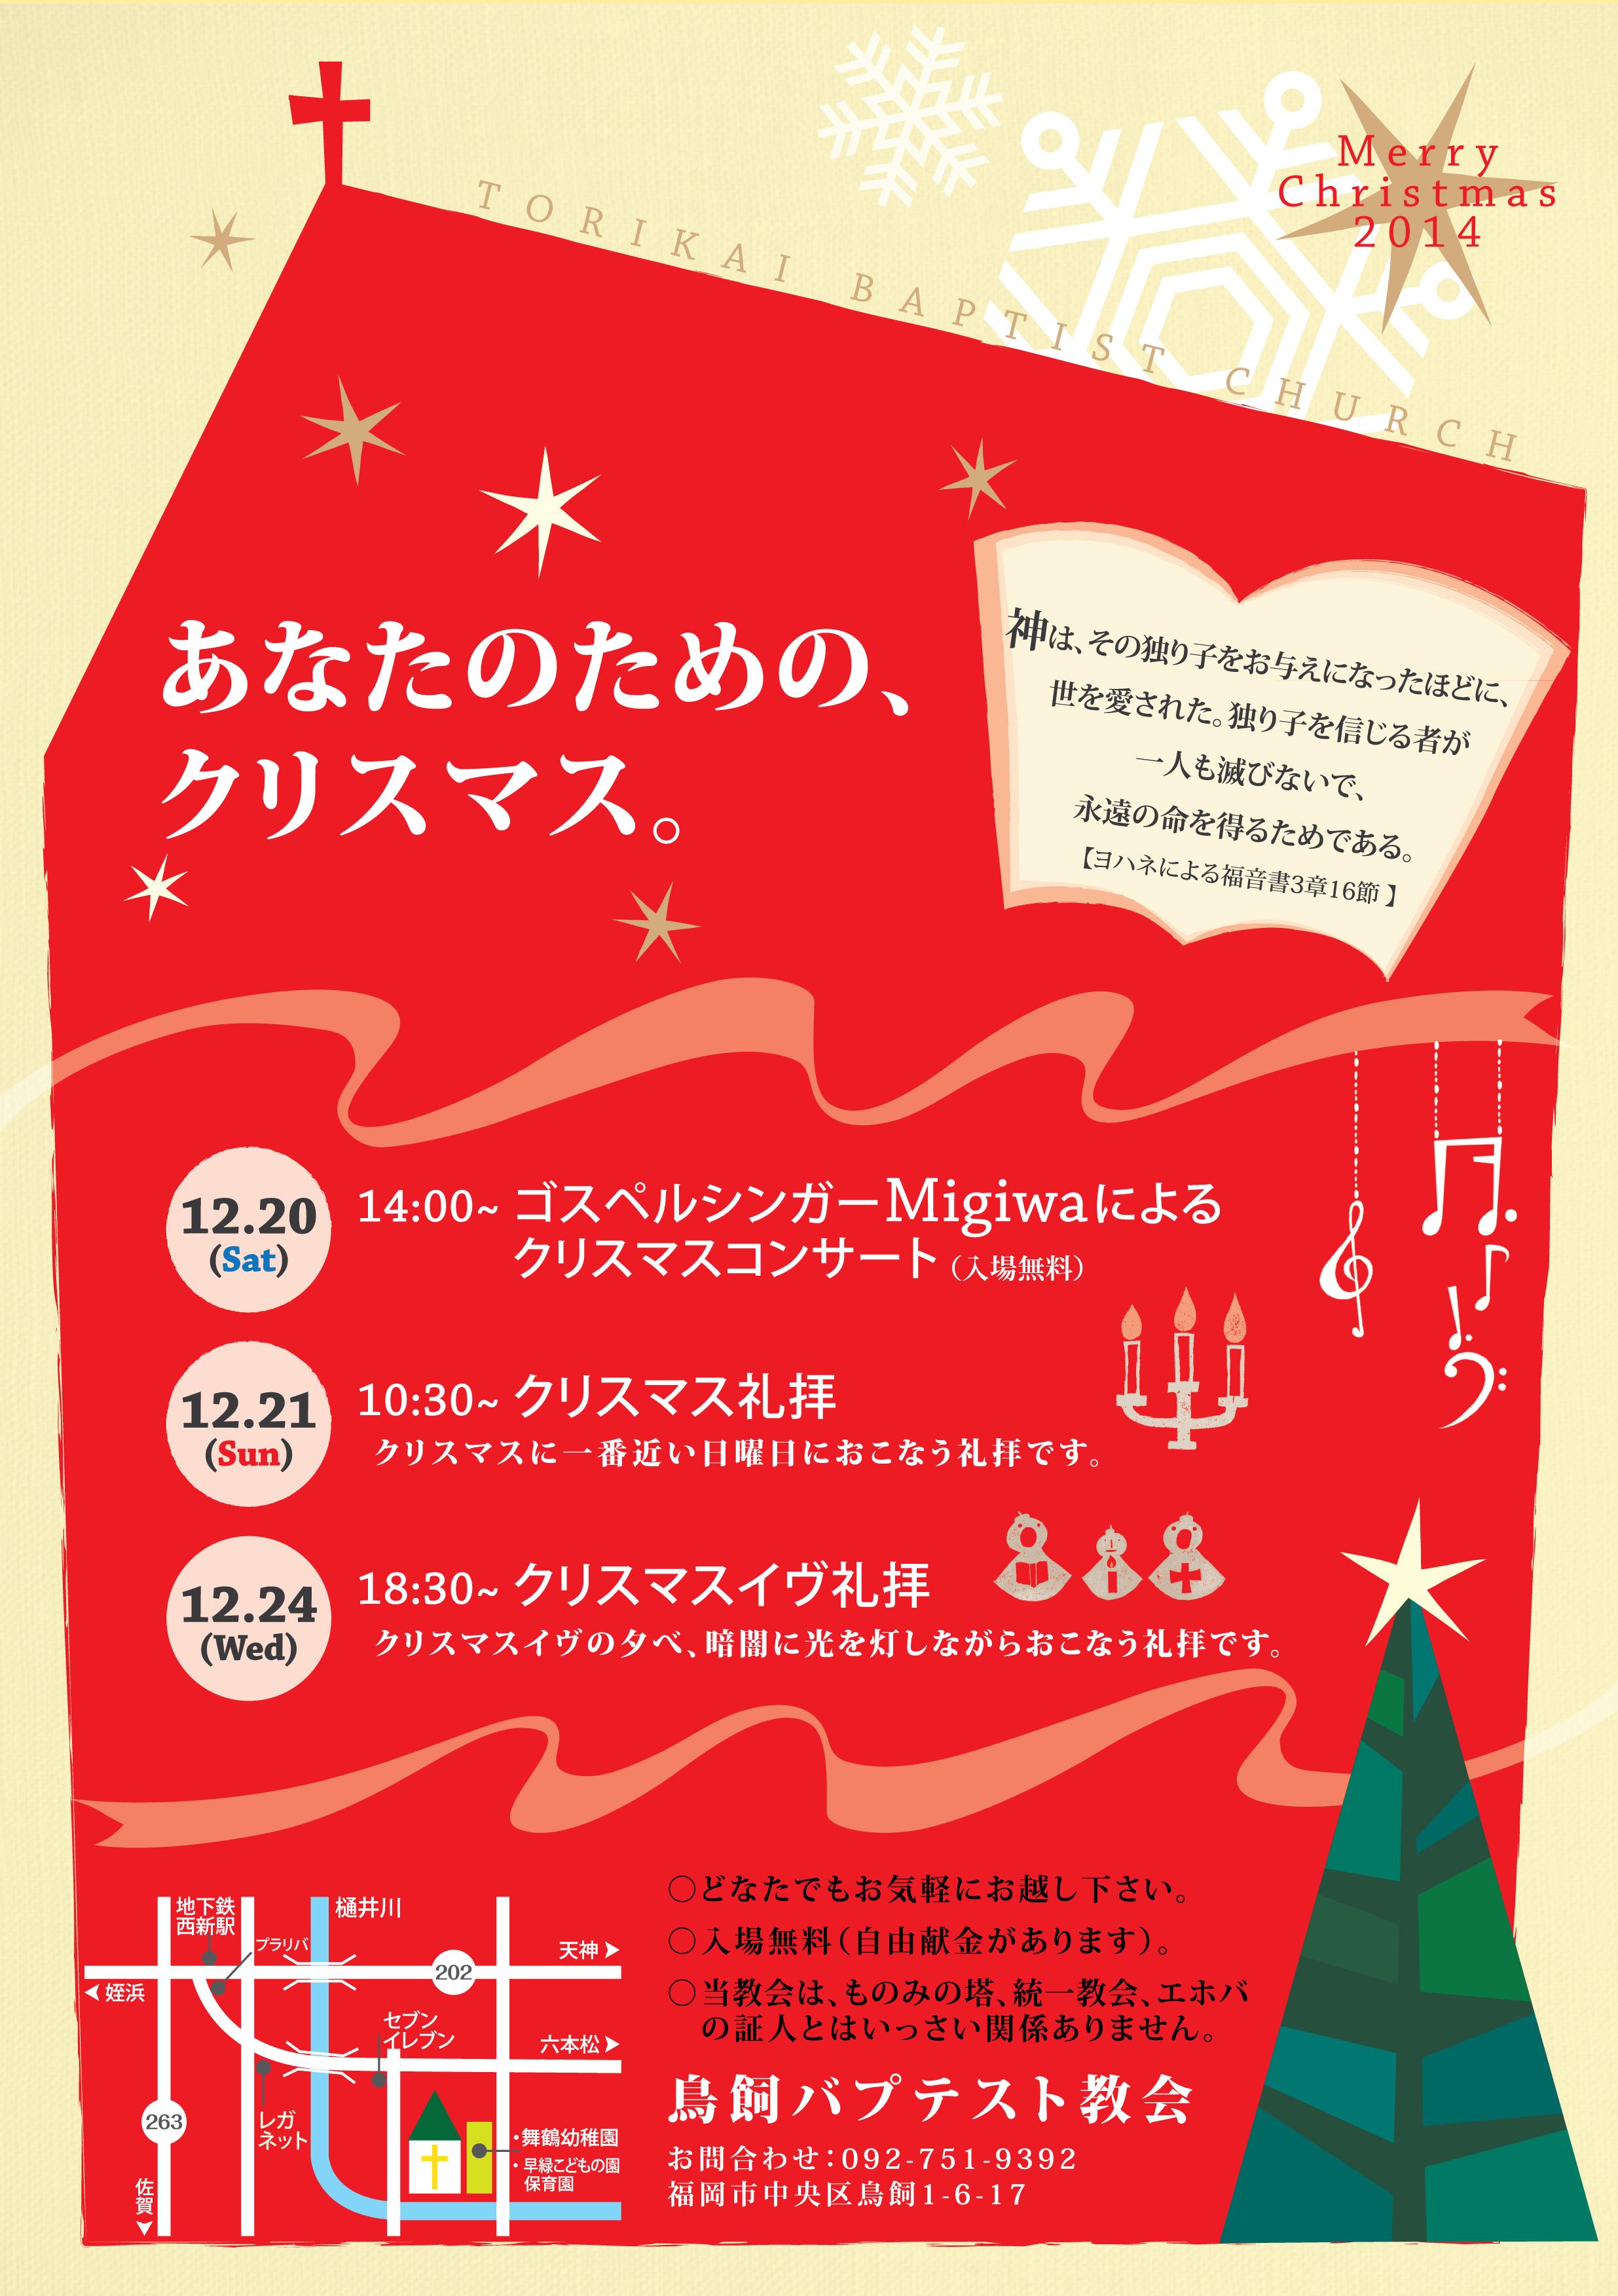 あなたのためのクリスマス